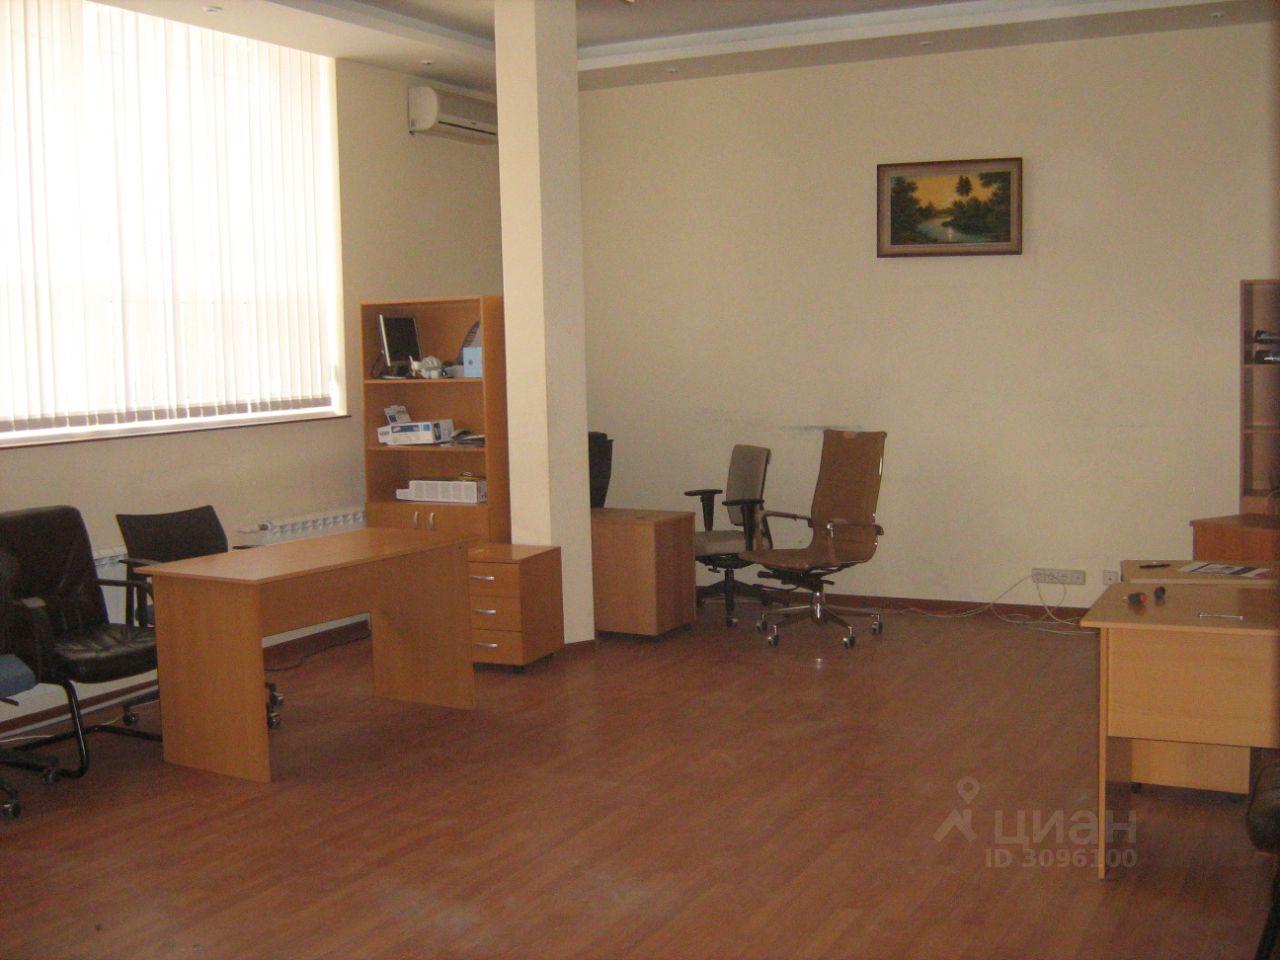 Аренда офиса новоясеневская битцевский парк куплю коммерческая недвижимость н новгород